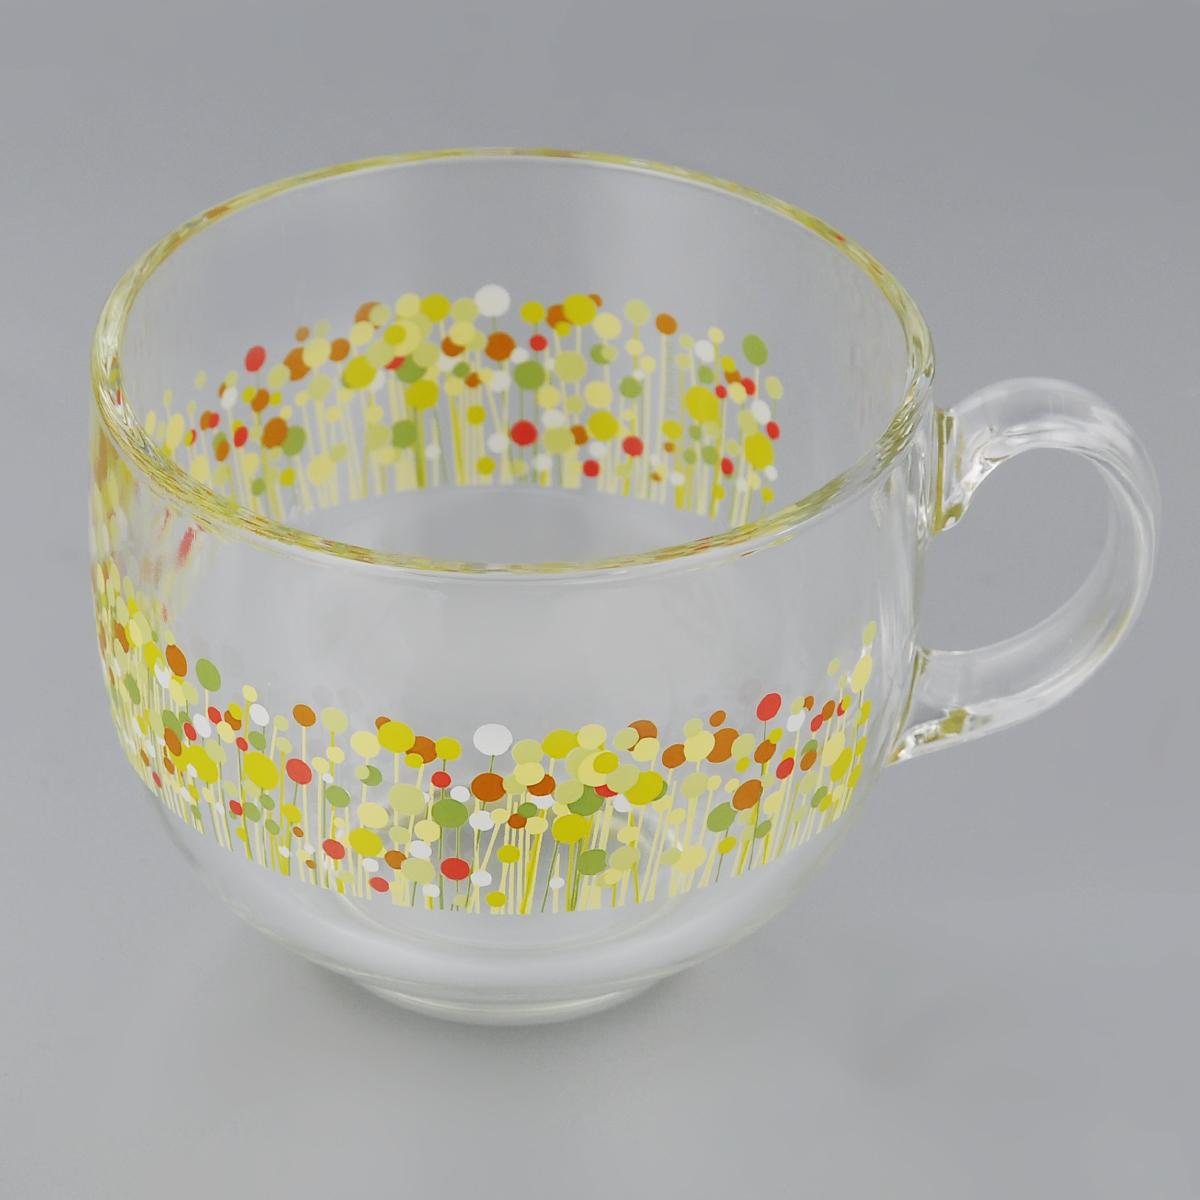 Кружка Luminarc Flowerfield. Джамбо, 500 млJ8768Кружка Luminarc Flowerfield. Джамбо изготовлена из ударопрочного стекла. Такая кружка прекрасно подойдет для горячих и холодных напитков. Она дополнит коллекцию вашей кухонной посуды и будет служить долгие годы. Диаметр кружки (по верхнему краю): 10,5 см.